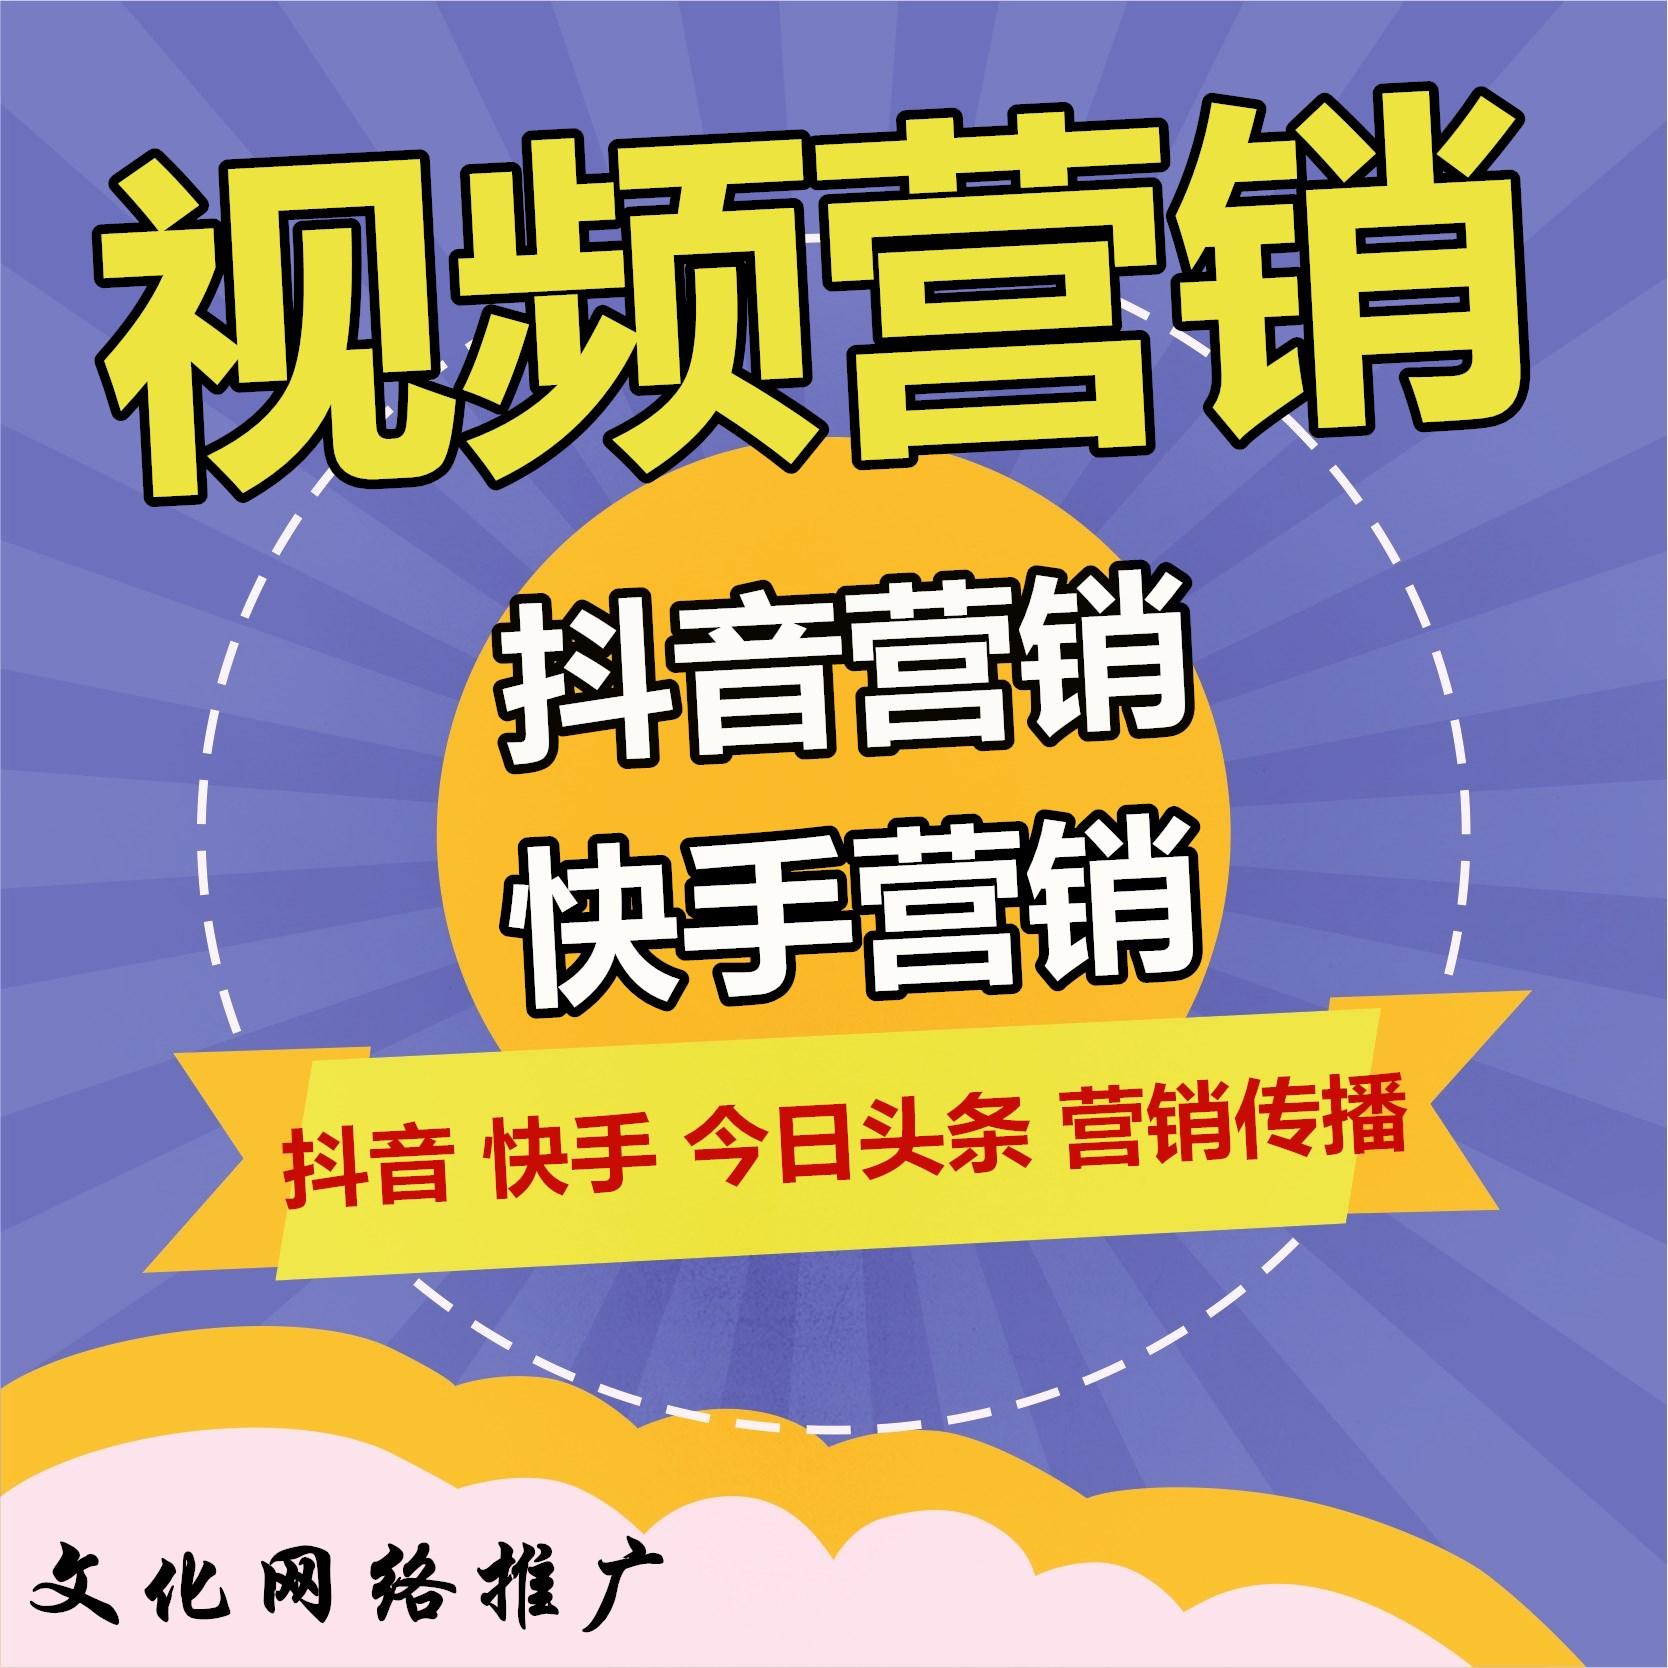 抖音快手火山小视频粉丝微视今日头条自媒体投放推广微信微博营销